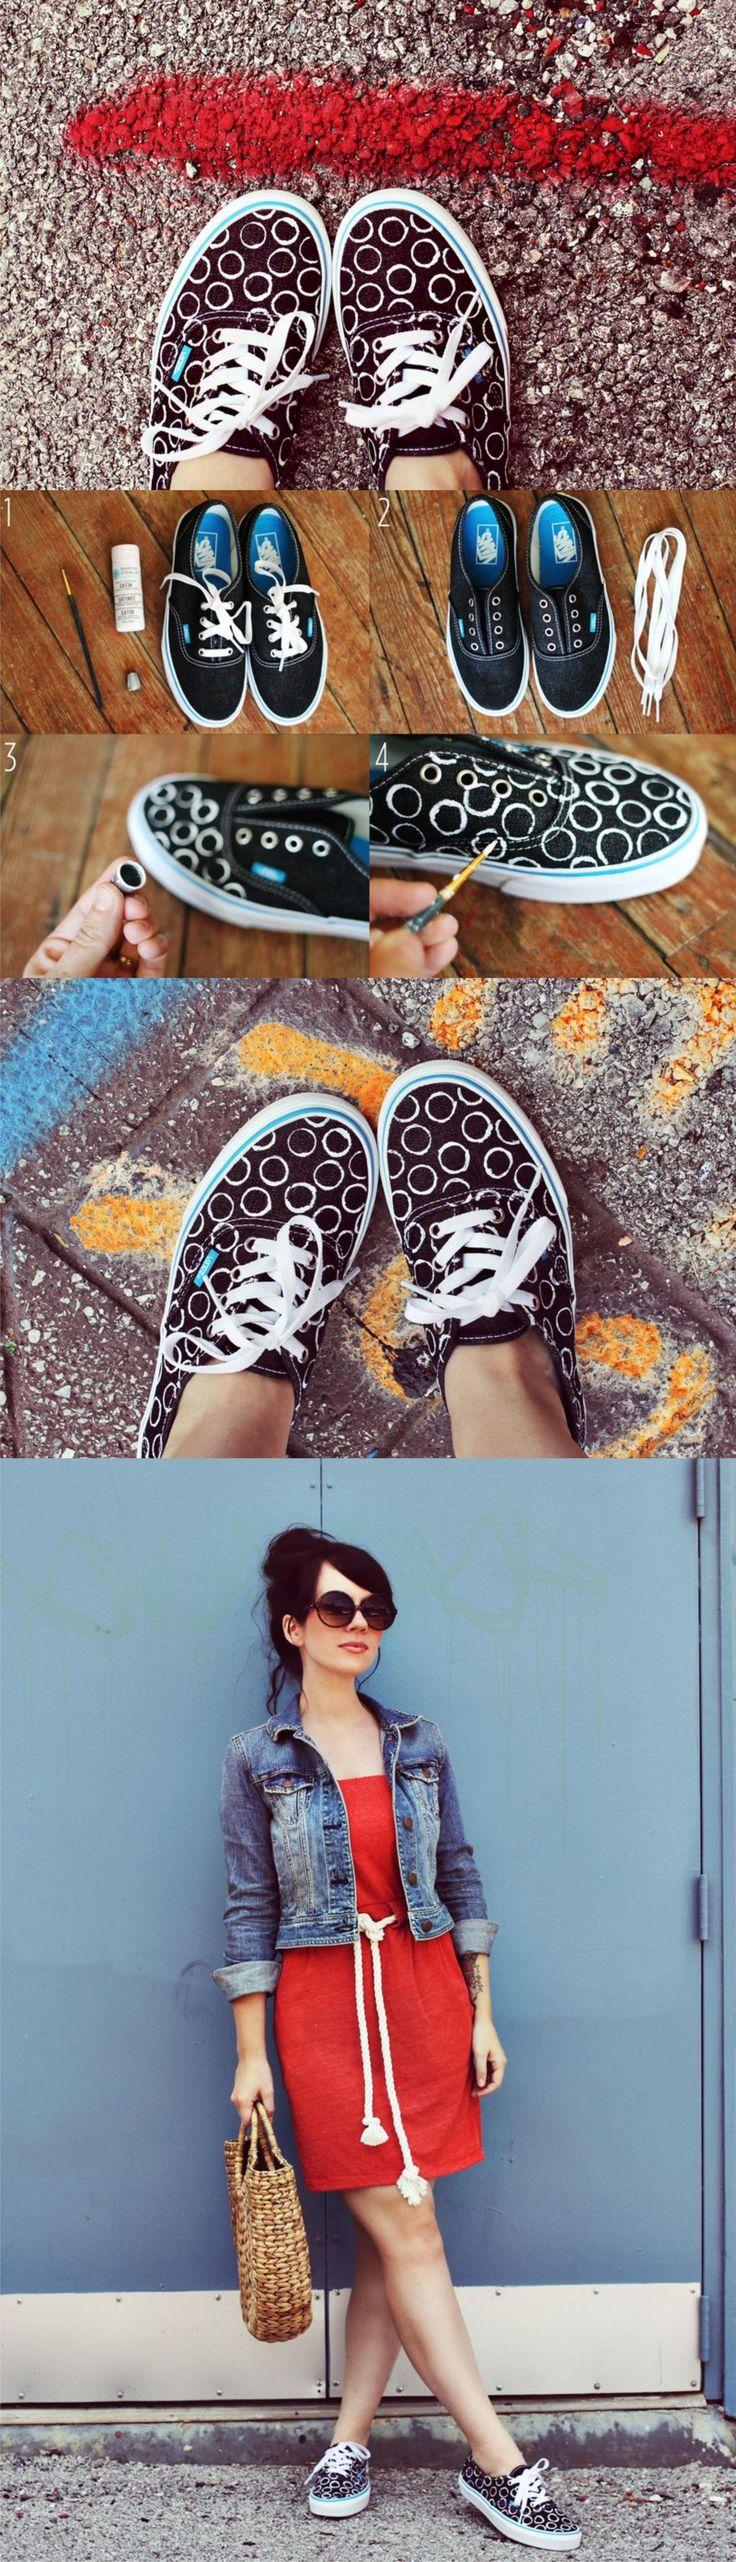 Personaliza tus zapatillas                                                                                                                                                                                 Más